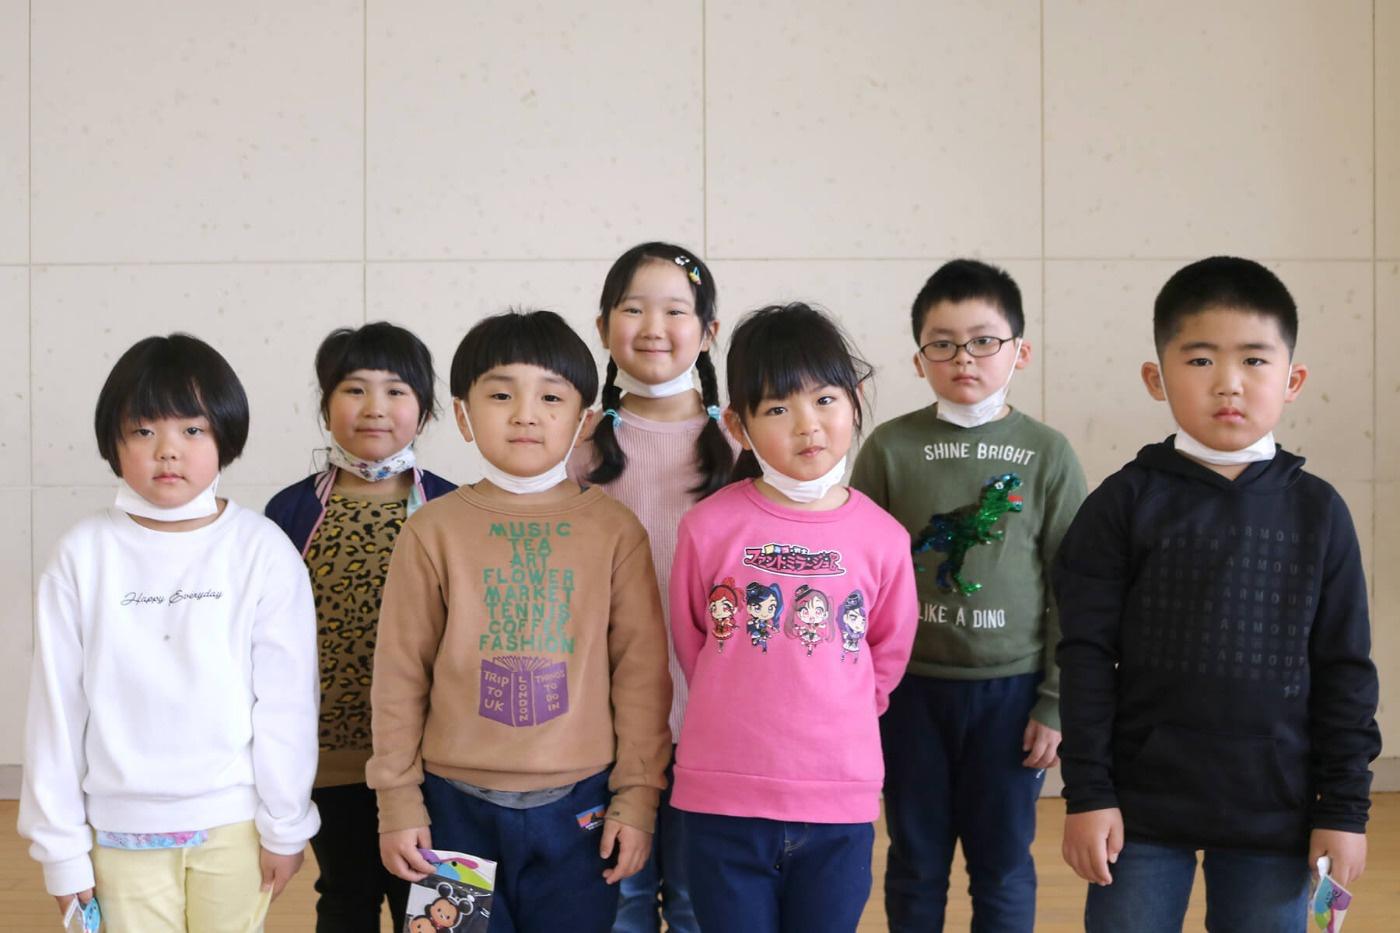 児童クラブきらり:児童の集合写真